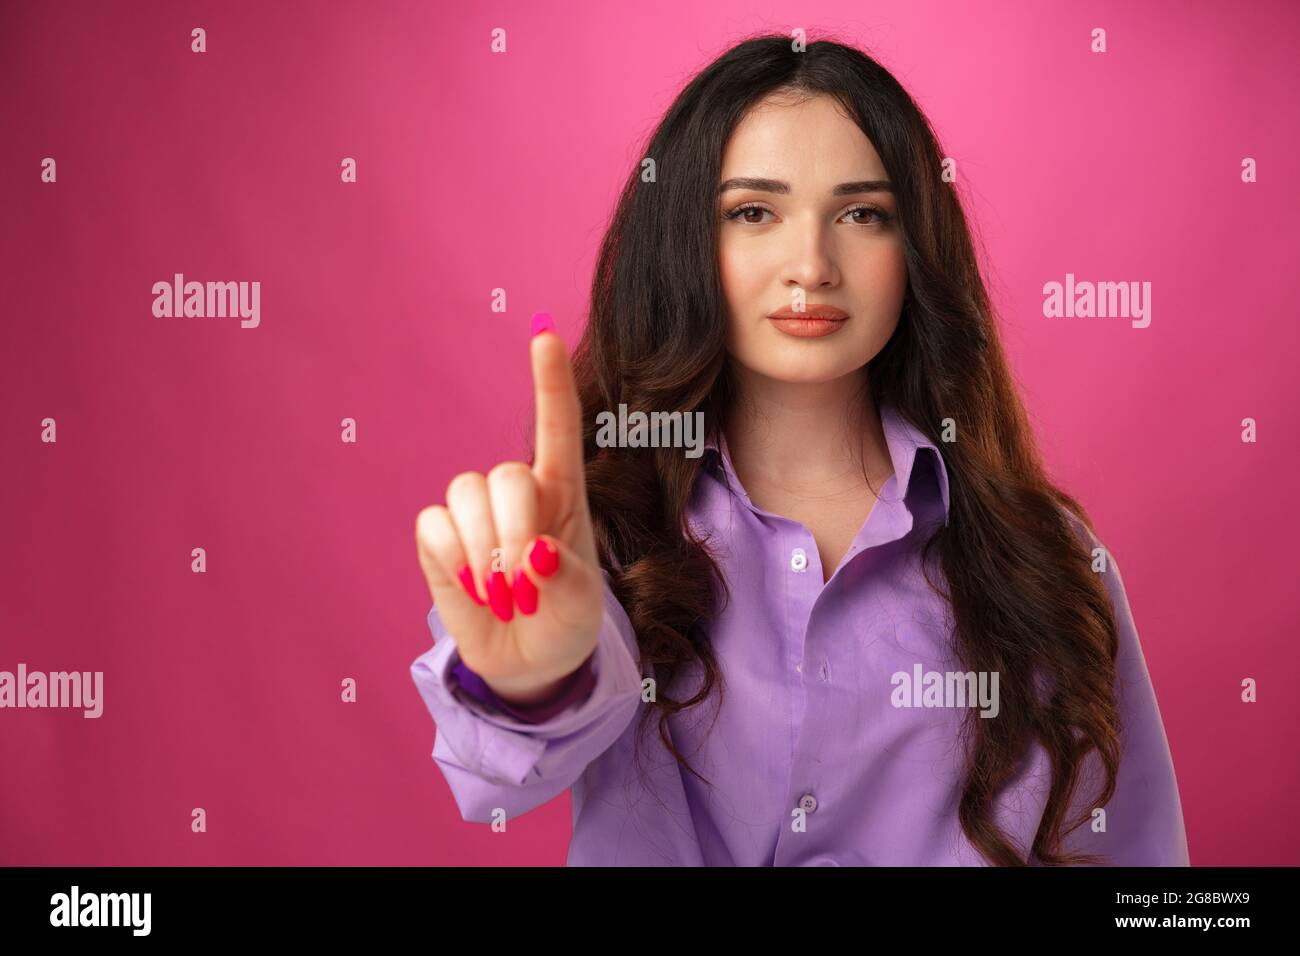 Jeune femme confiante montrant un geste d'arrêt, pointant le doigt Banque D'Images